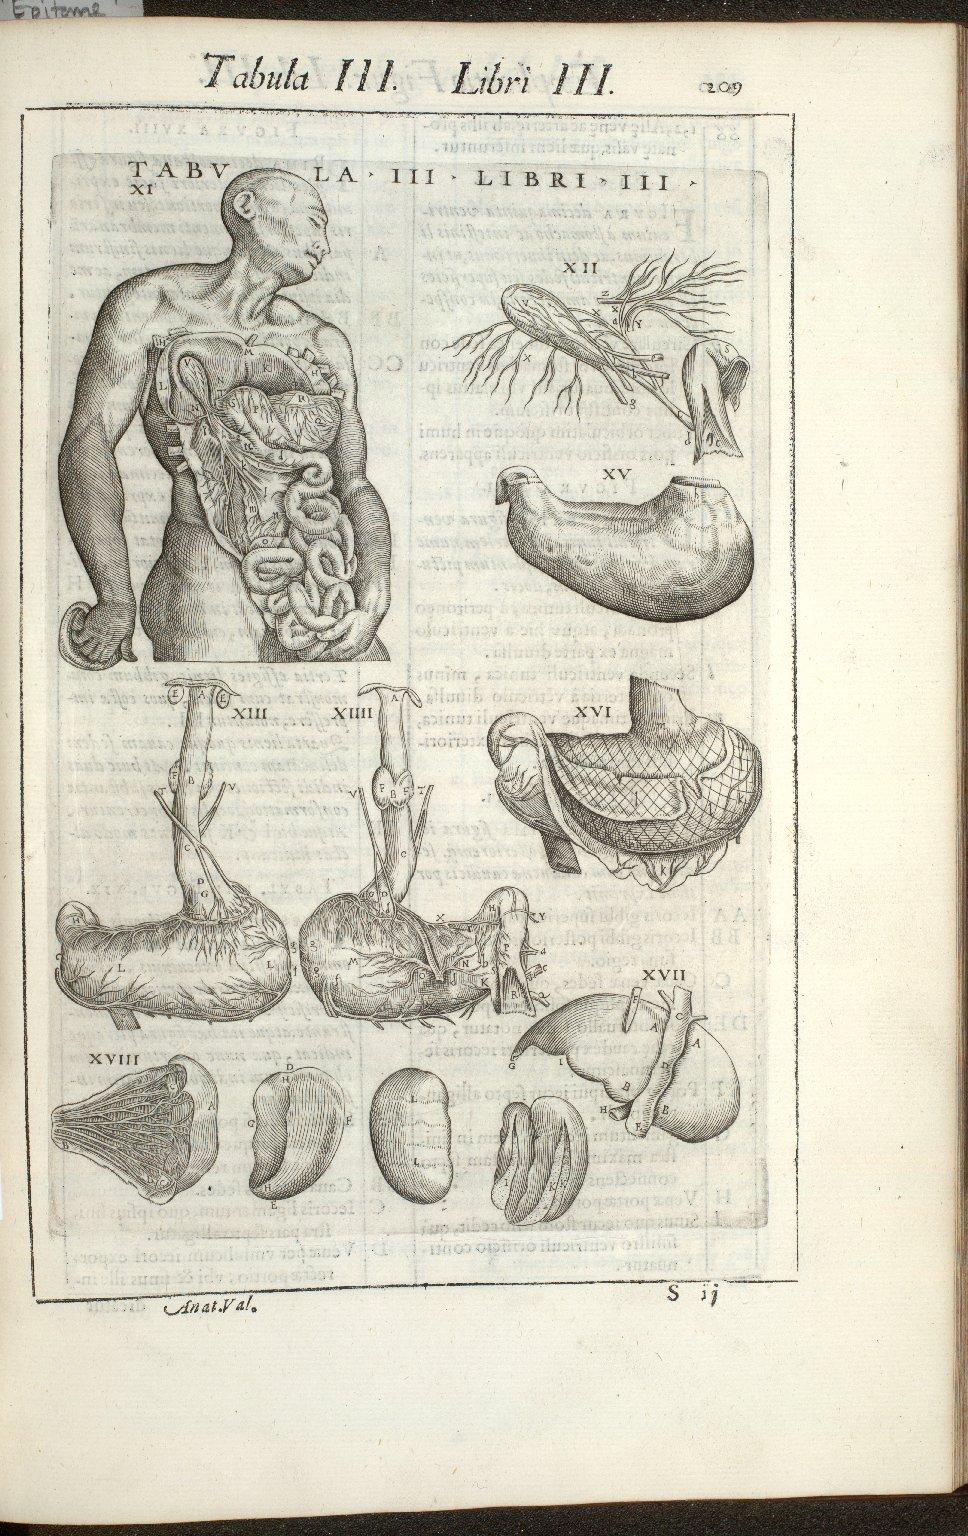 Tabula III. Libri III.